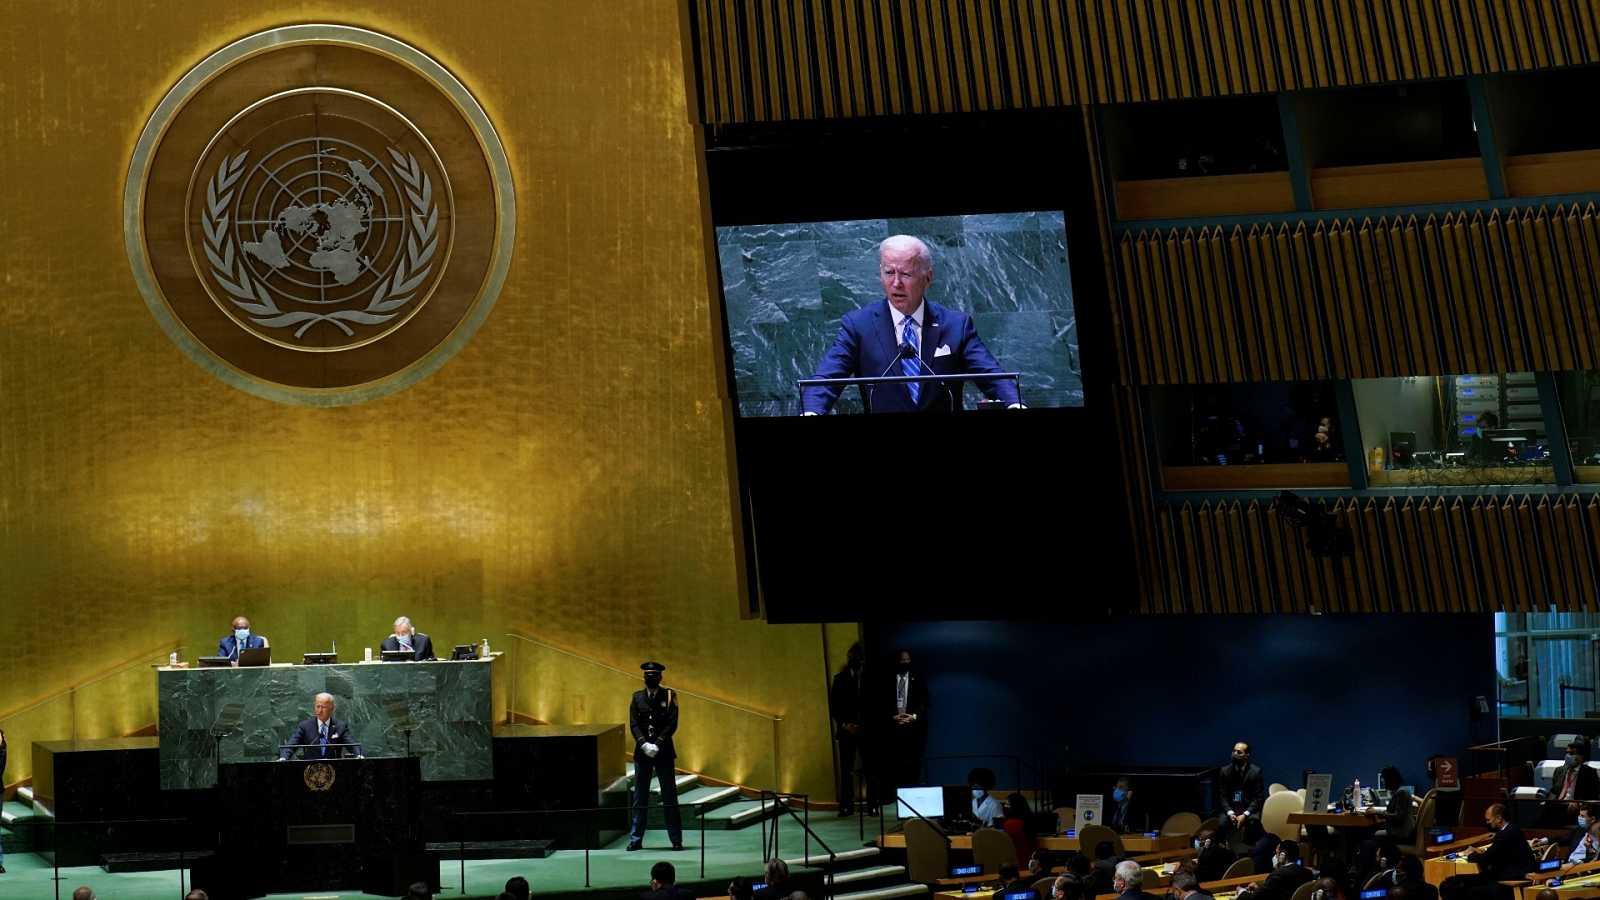 El presidente de los Estados Unidos, Joe Biden, se dirige al 76 ° período de sesiones de la Asamblea General de la ONU en la ciudad de Nueva York, Estados Unidos, el 21 de septiembre de 2021